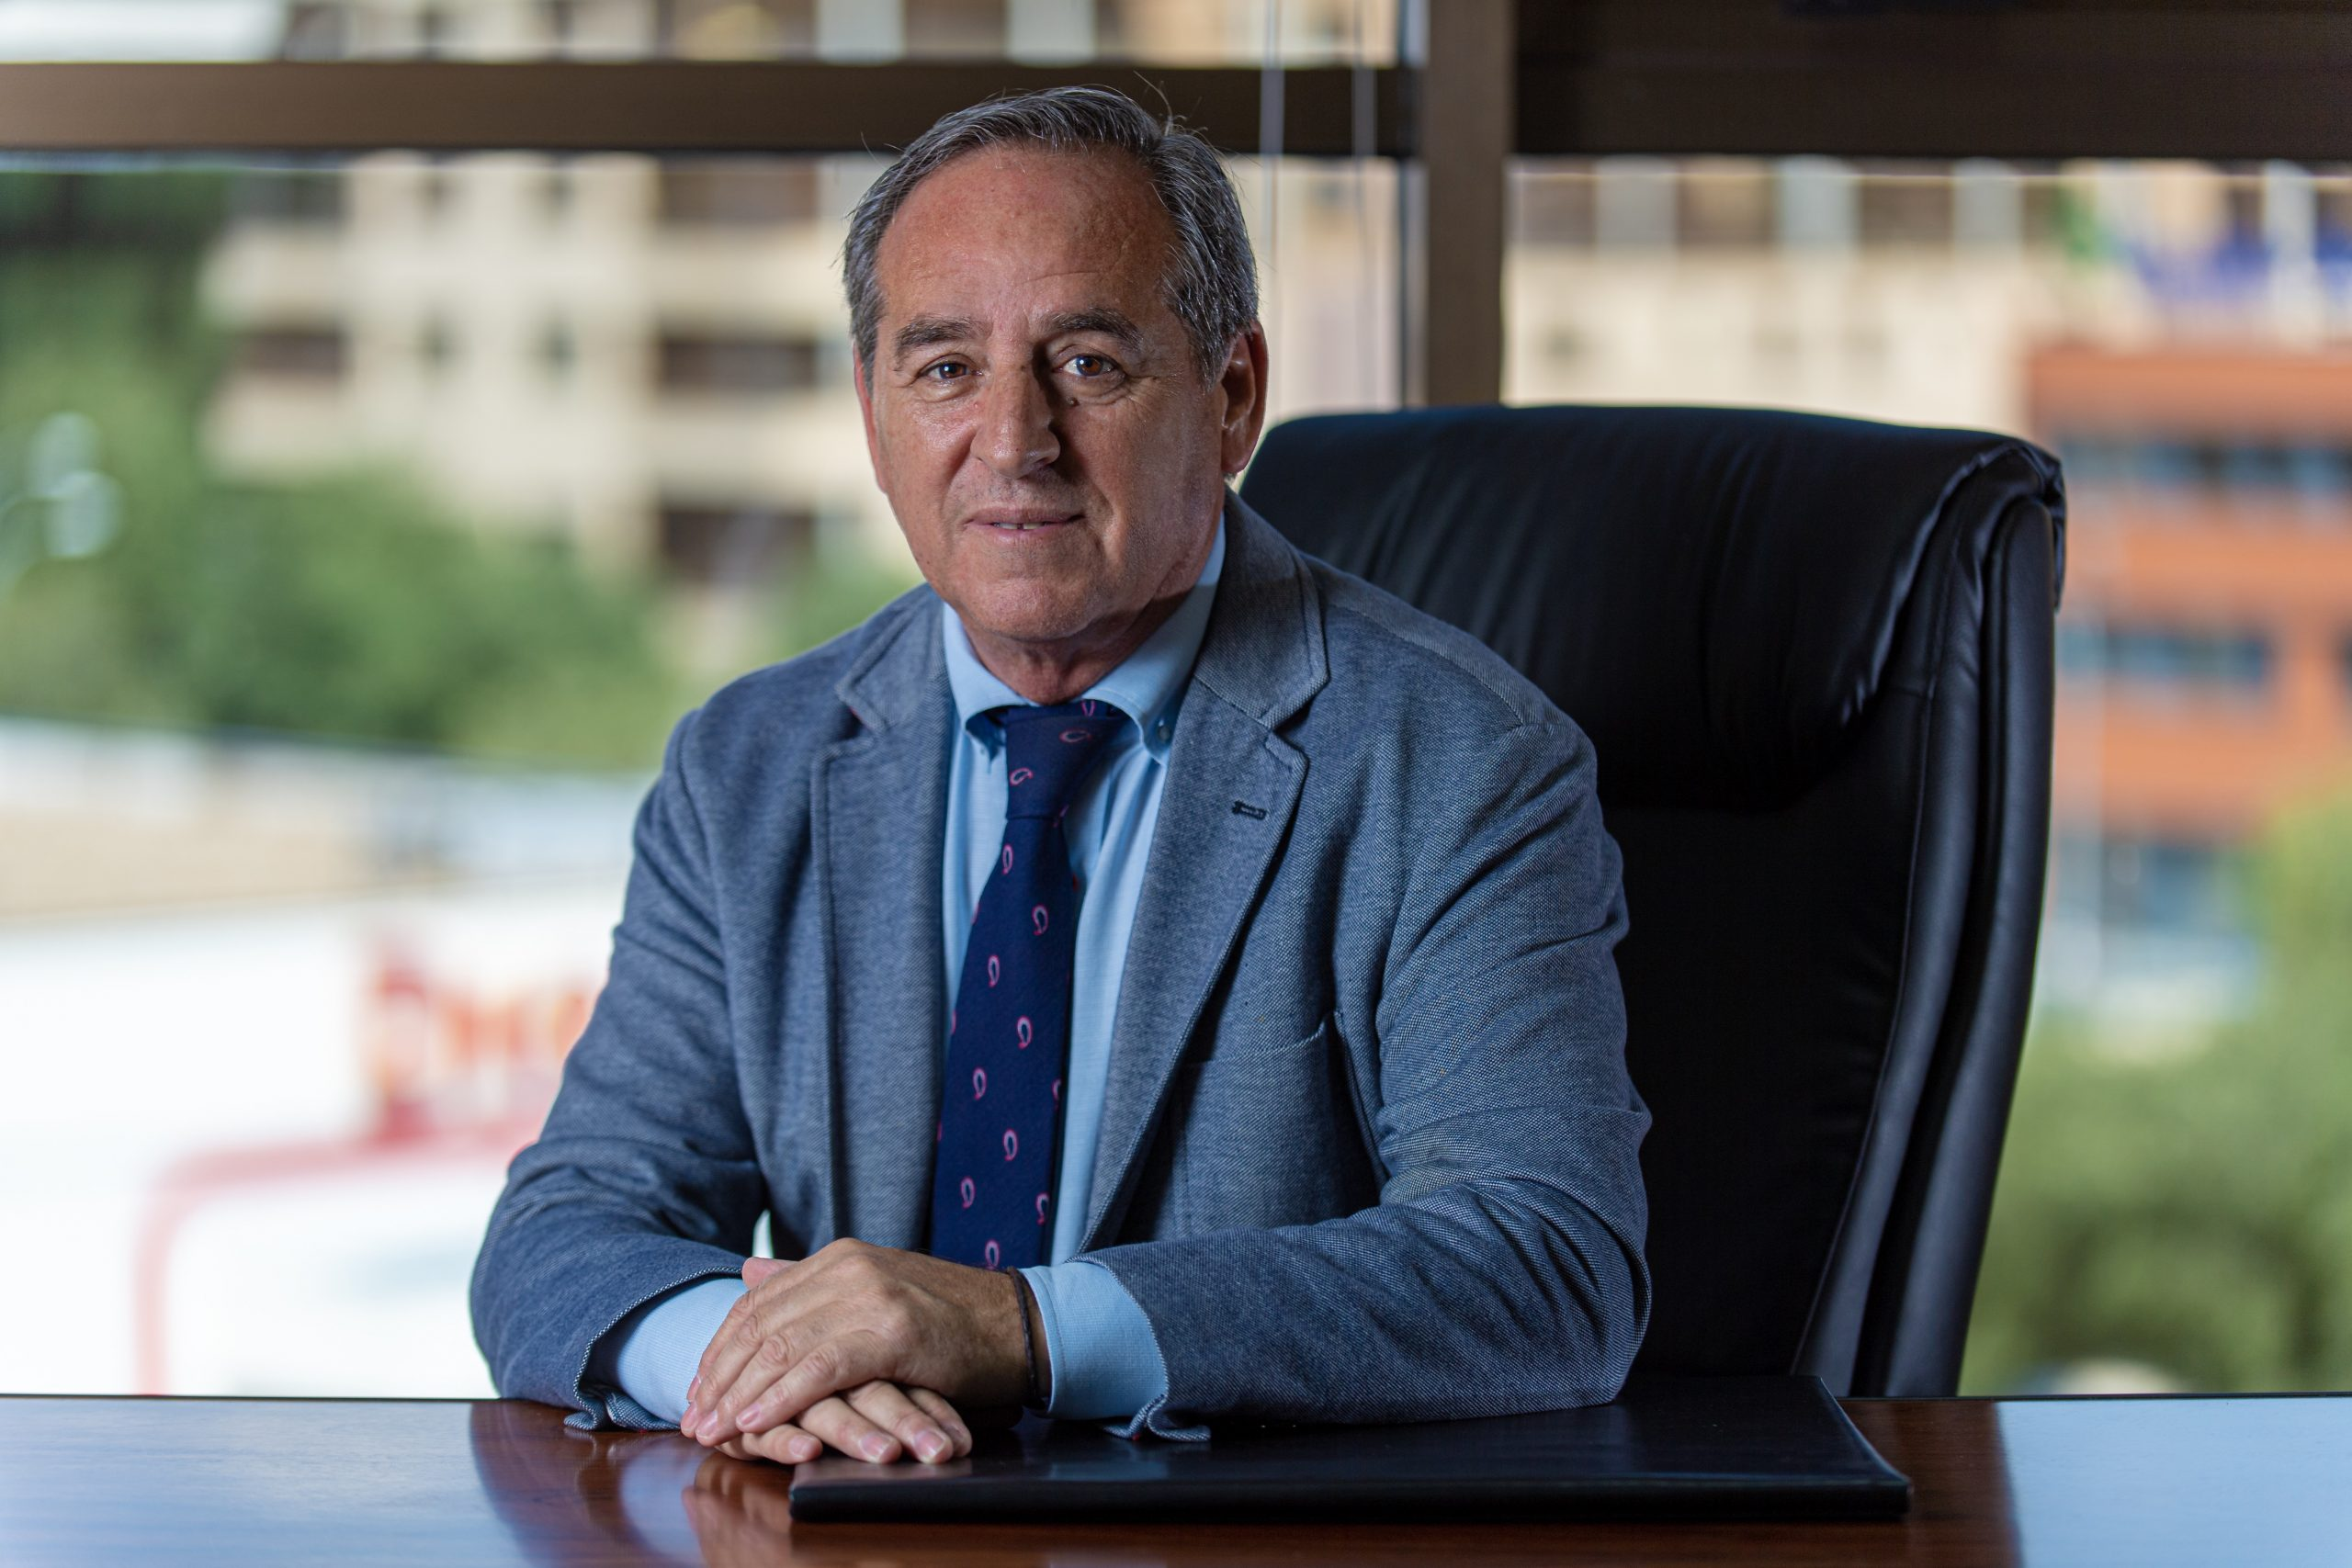 Ángel Nicolás García es Presidente de la Confederación Regional de Empresarios de Castilla-La Mancha (CECAM CEOE-CEPYME Castilla-La Mancha) y Presidente de la Federación Empresarial Toledana (FEDETO CEOE-CEPYME Toledo).